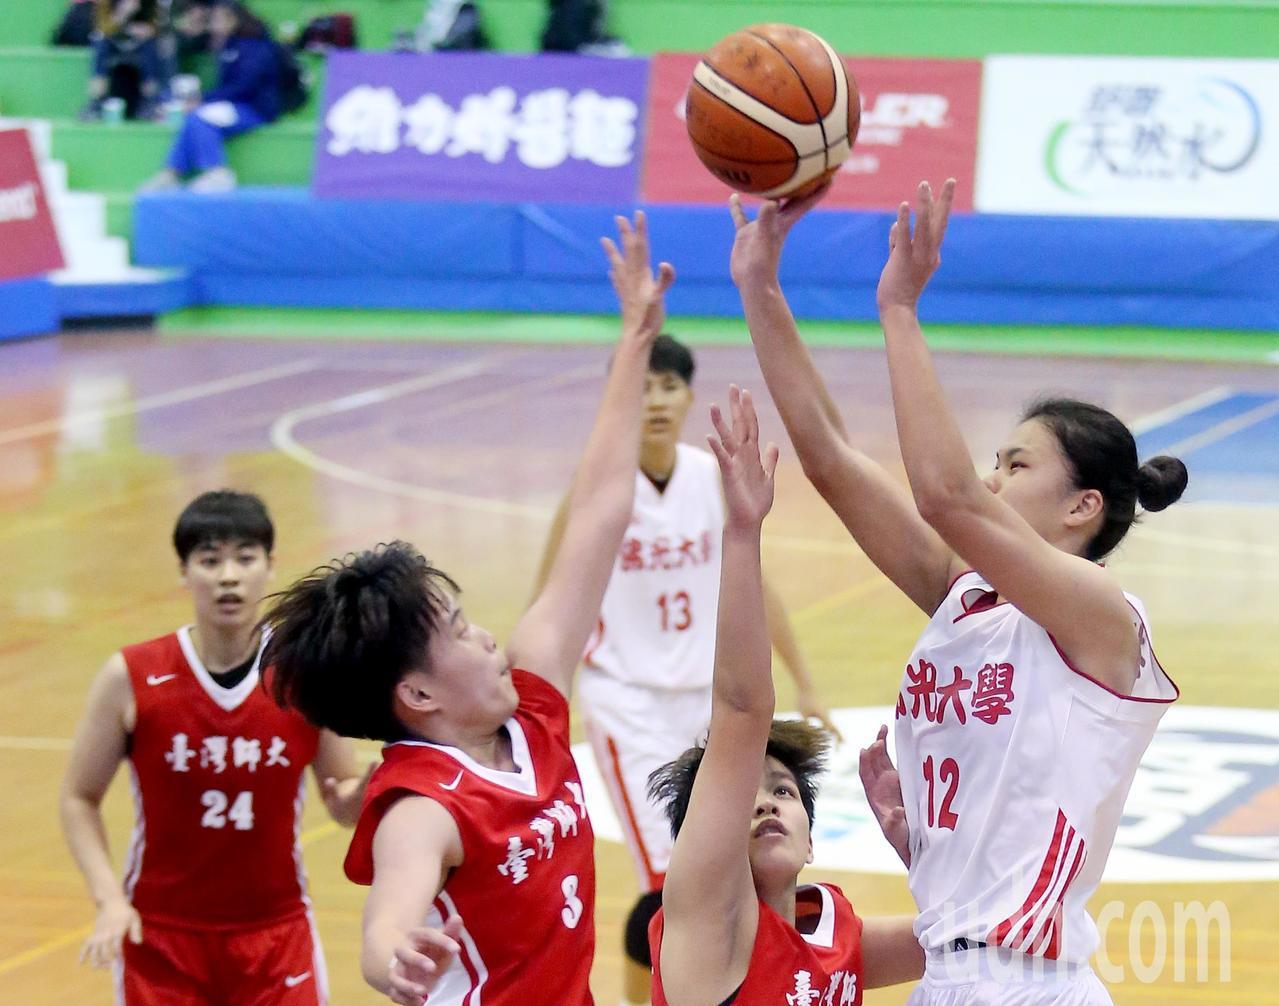 UBA大專籃球聯賽在台灣科大進行女子組賽事,佛光大學楊芷瑜(右)突破包夾上籃得分...